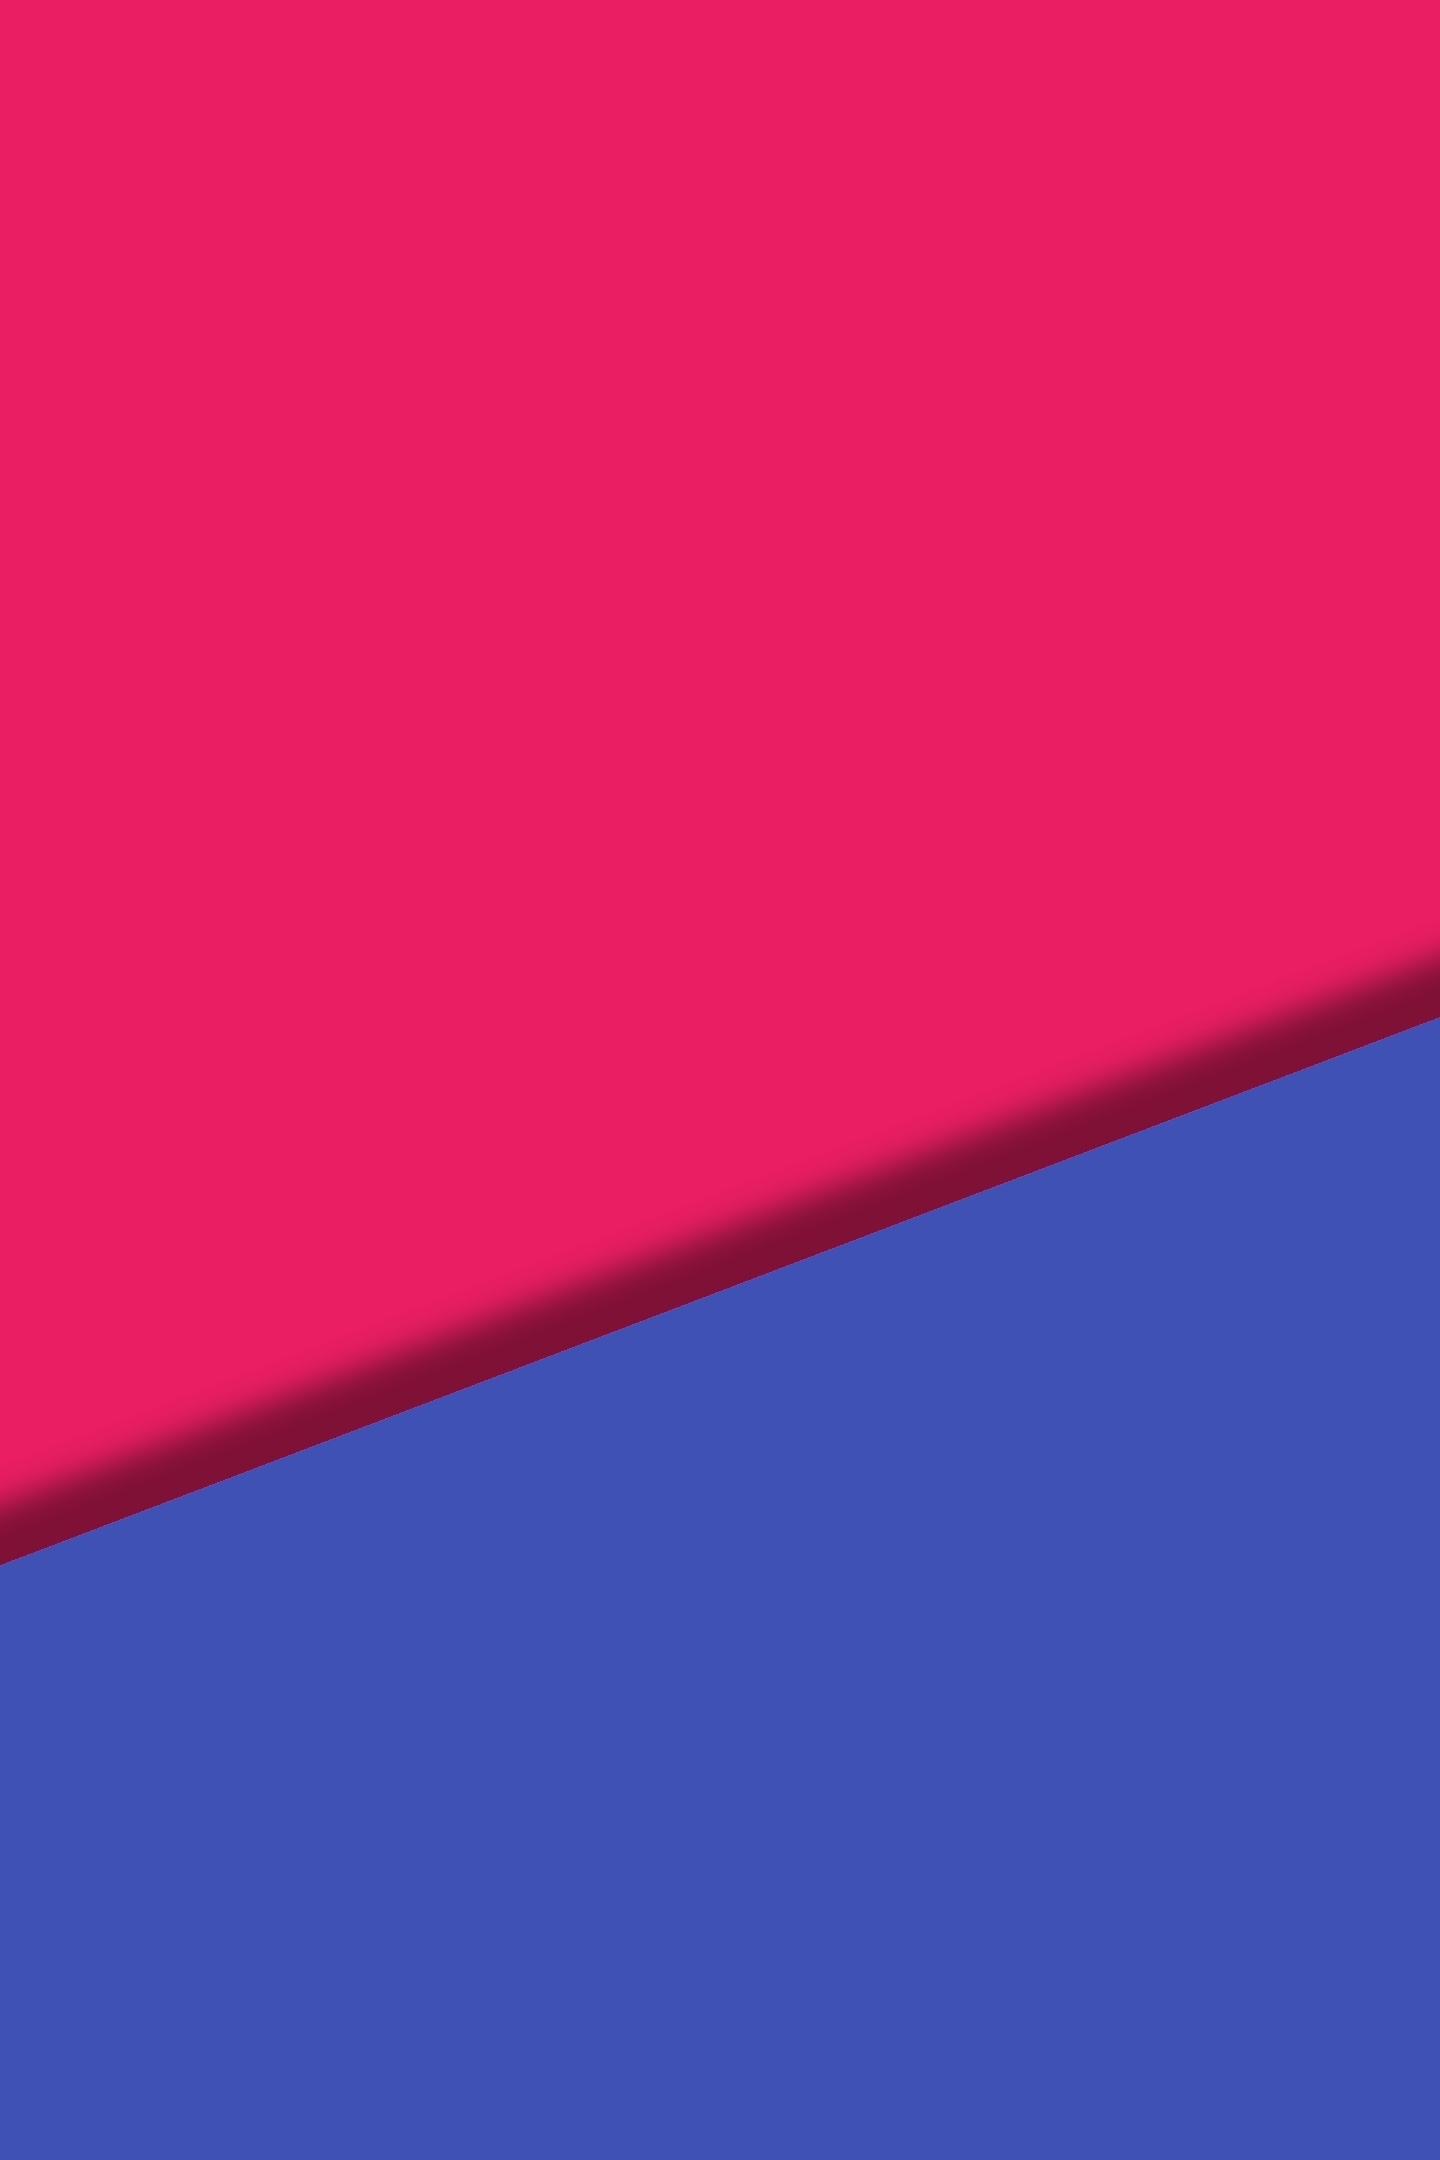 Download 1440x2630 Wallpaper Material Design Geometry